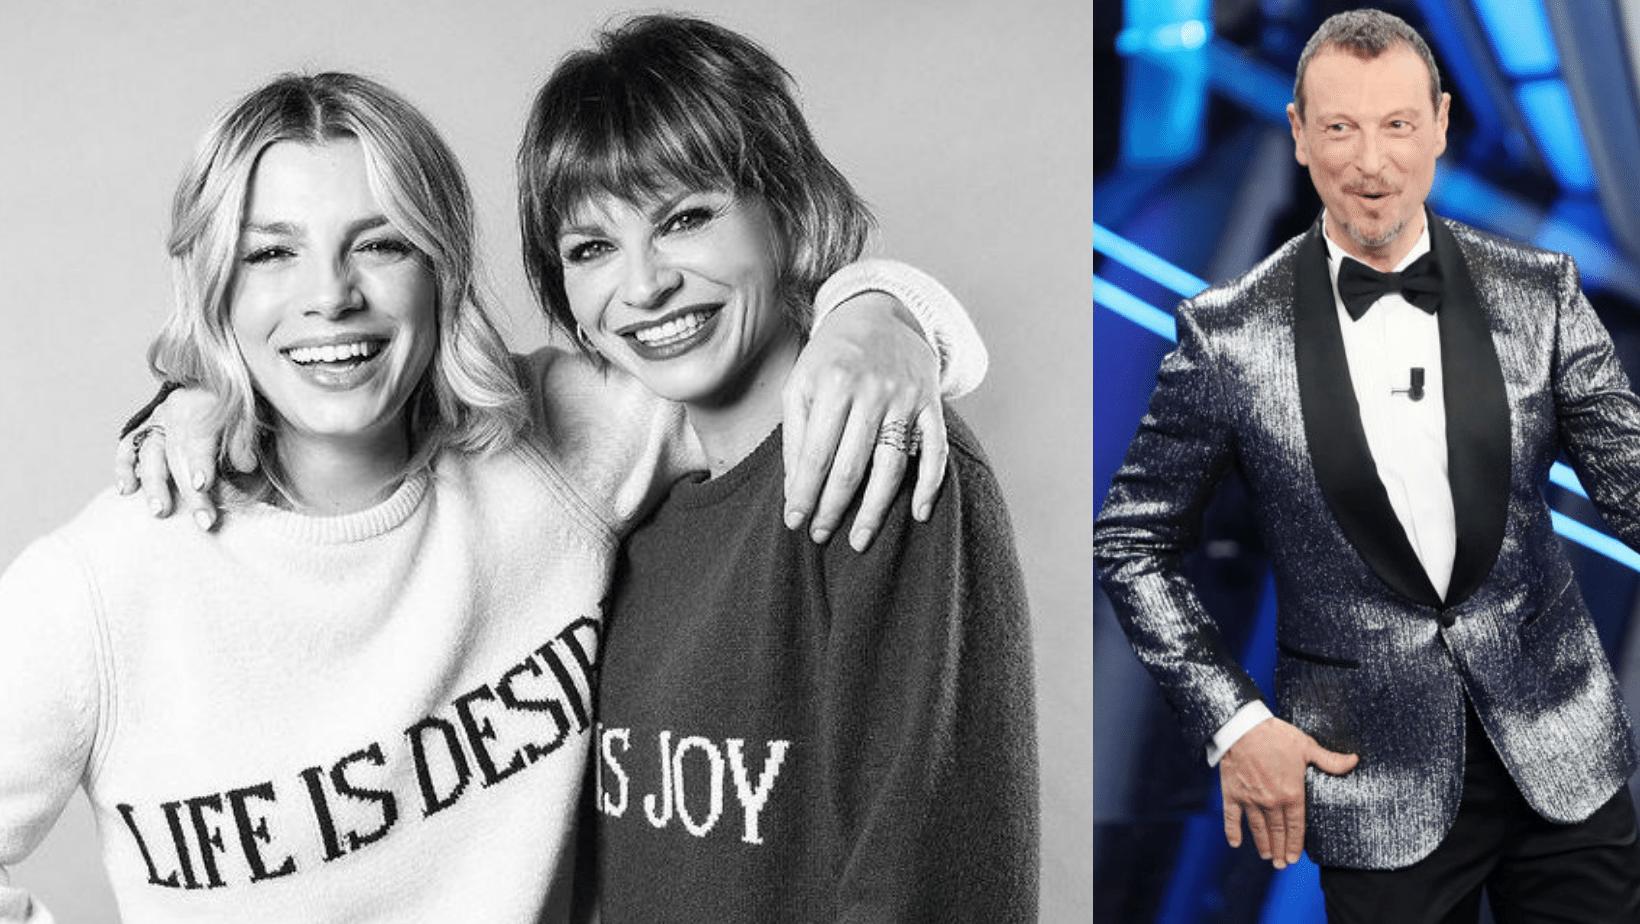 Emma Marrone e Alessandra Amoroso ospiti a Sanremo 2021? Amadeus: «Sarei onorato della loro presenza»